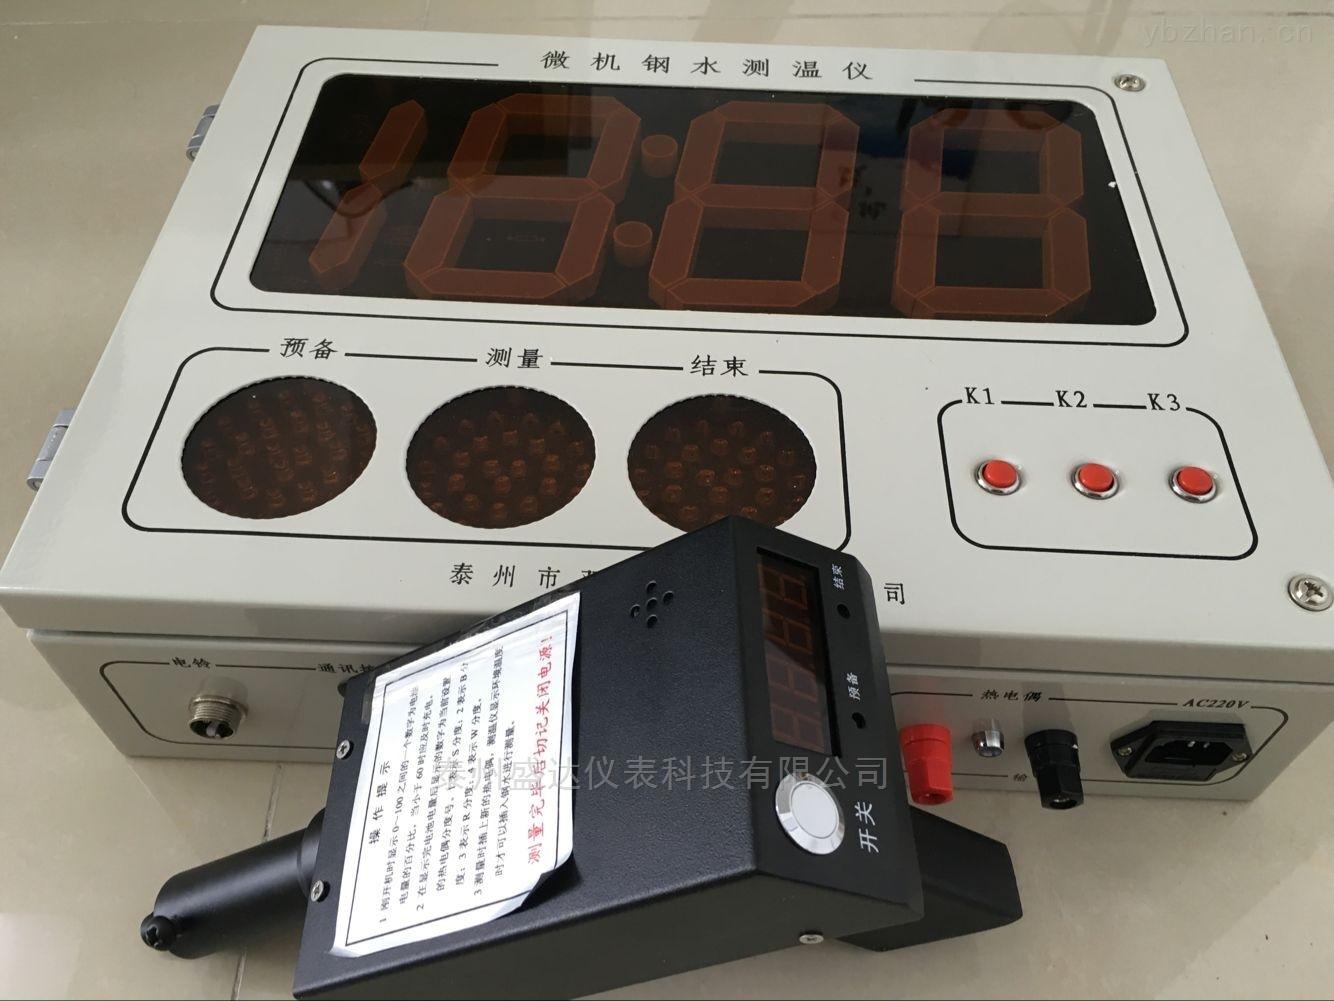 0-2000℃ 壁挂式数显熔炼大屏幕无线测温仪SD-300BGW